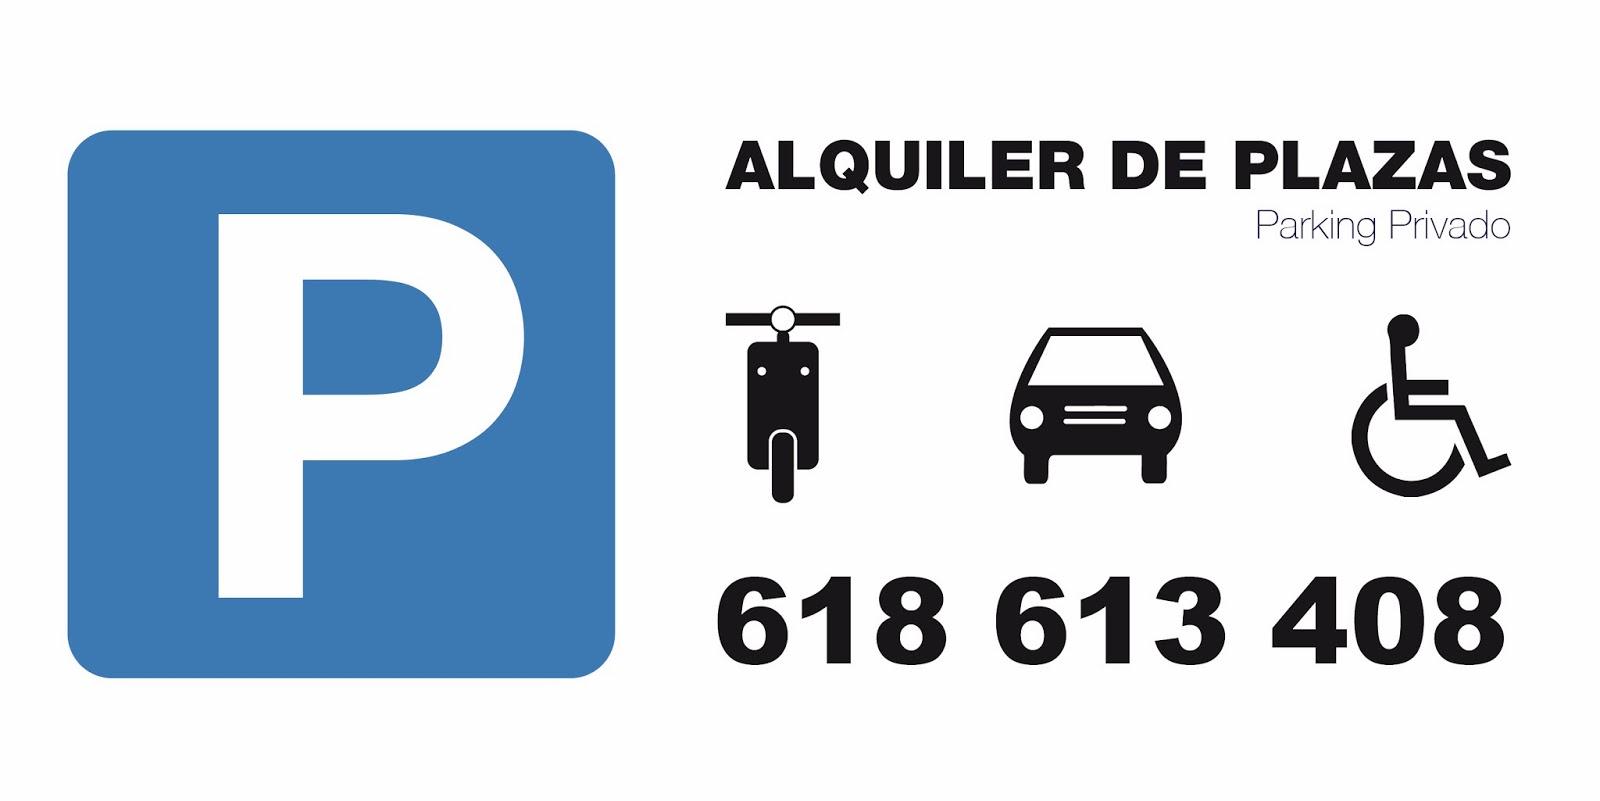 Alquiler de plazas de garaje en vitoria gasteiz - Alquiler plazas de garaje madrid ...